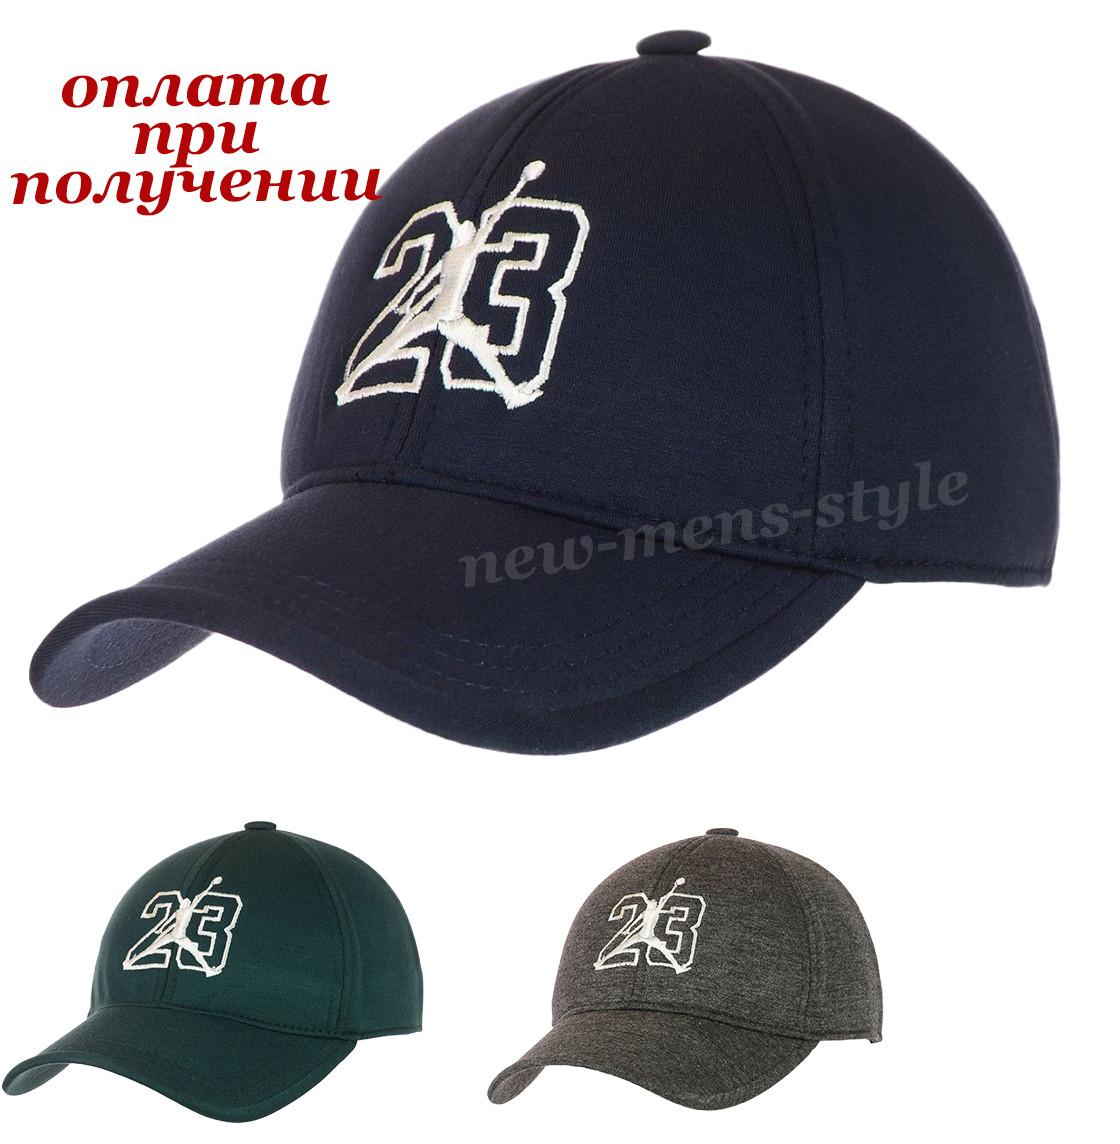 Мужская молодежная модная стильная спортивная кепка бейсболка блайзер Jordan Nike 23